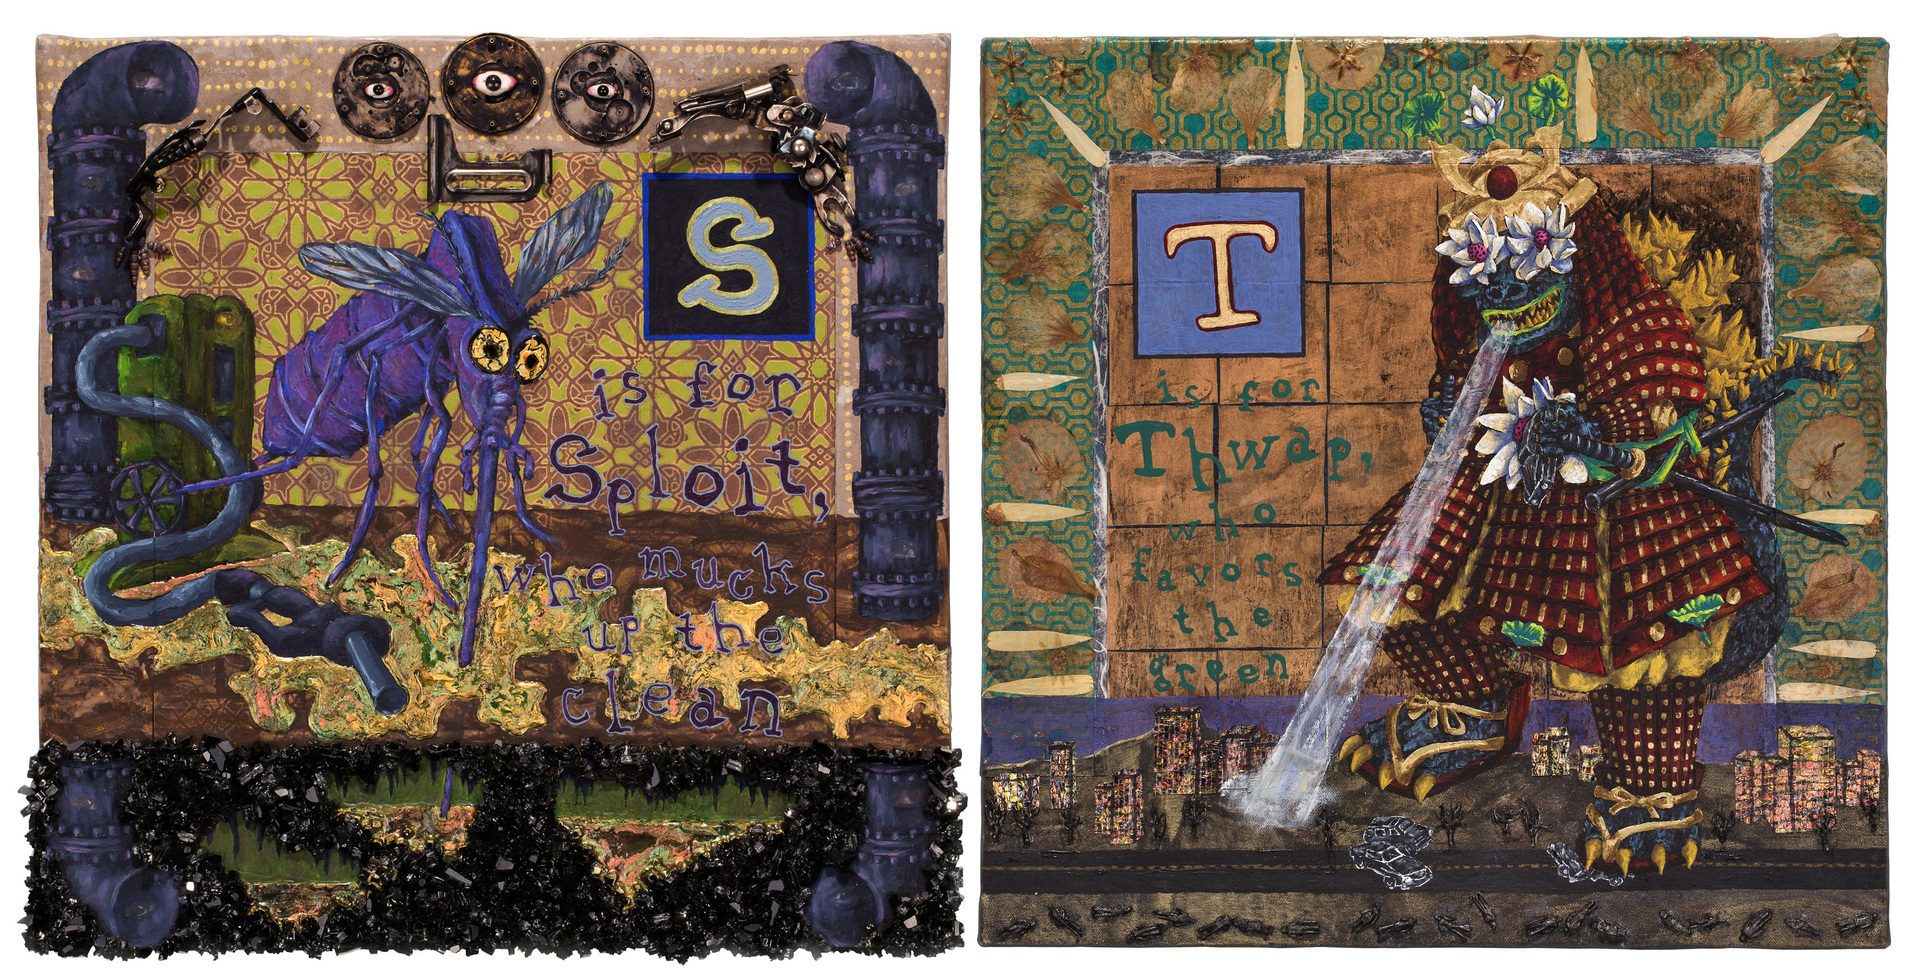 Monsterbet Series: Sploit/Thwap, Heidi Brueckner